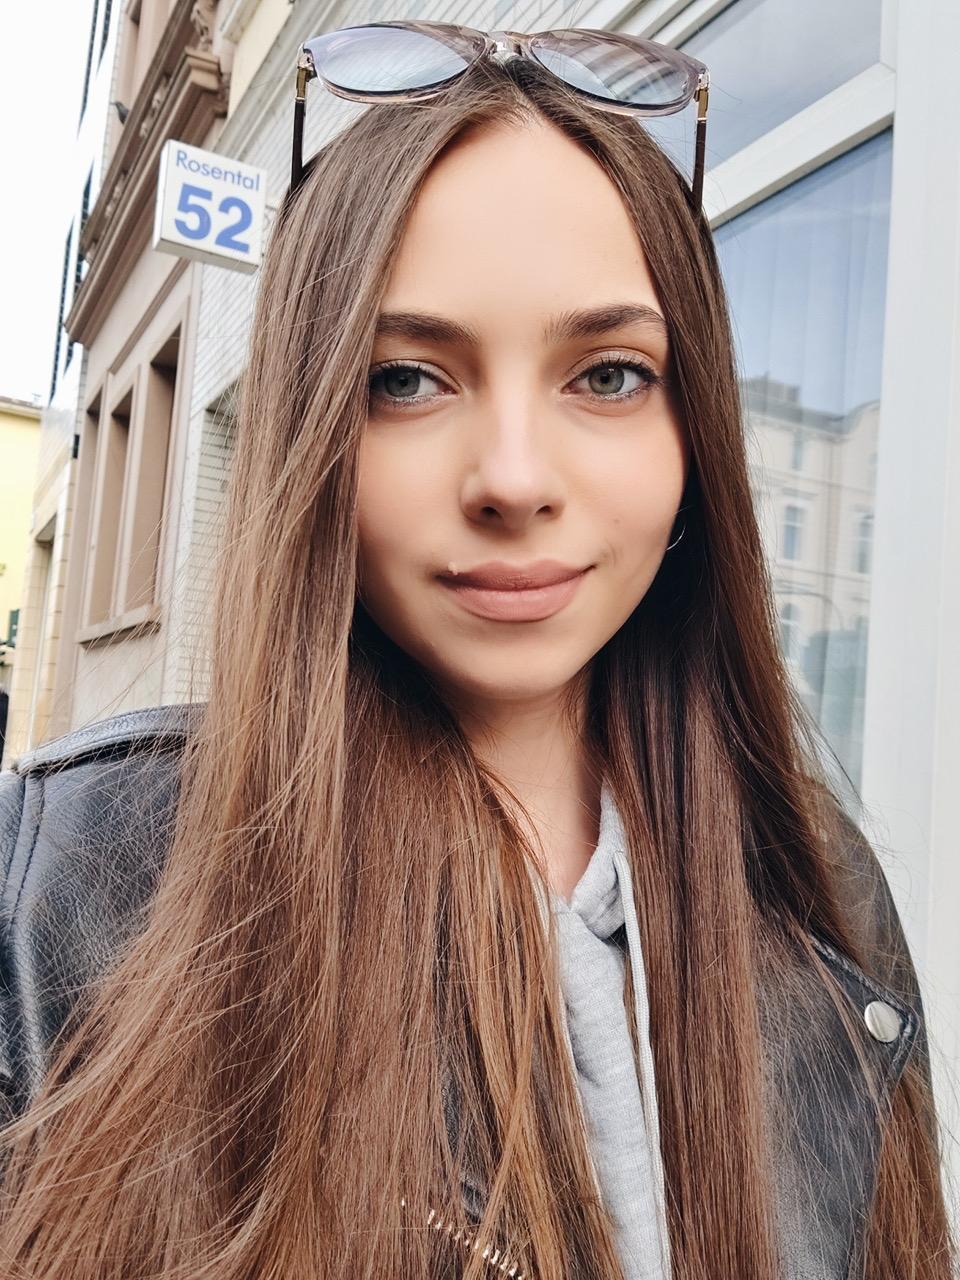 Inessa Karapetyan - Hire at Ithire